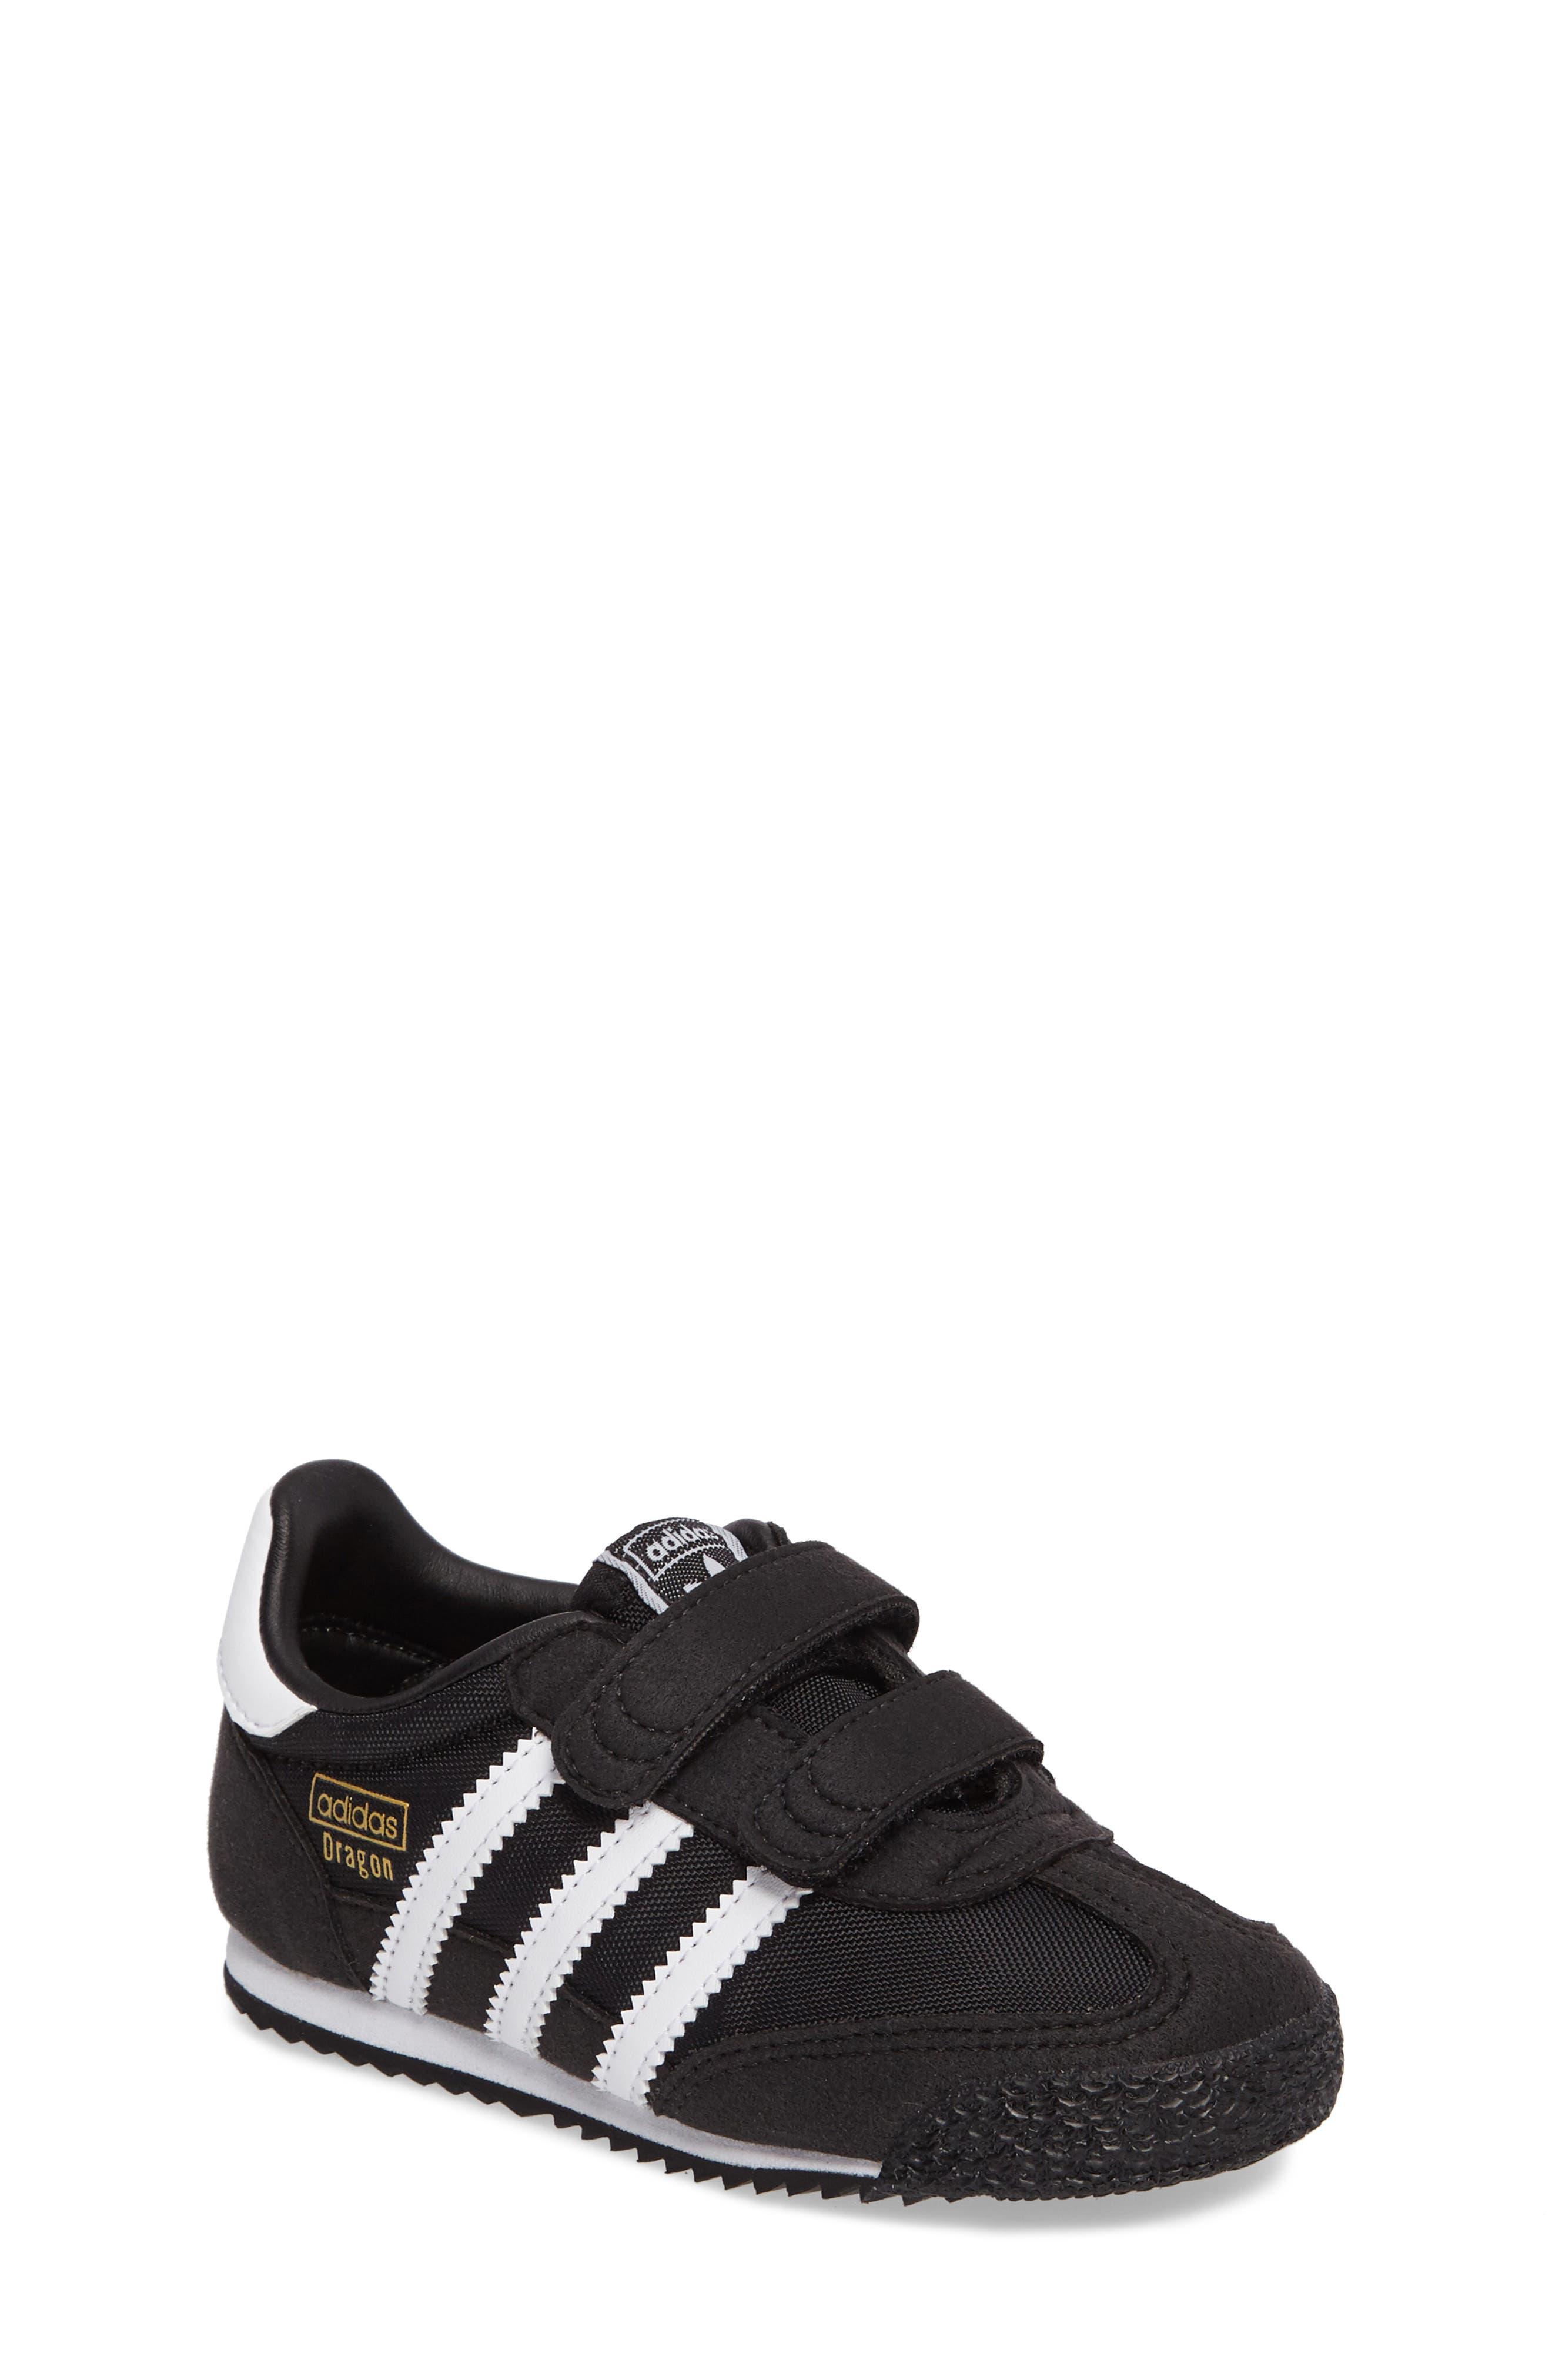 Alternate Image 1 Selected - adidas Dragon OG CF Athletic Shoe (Baby, Walker & Toddler)